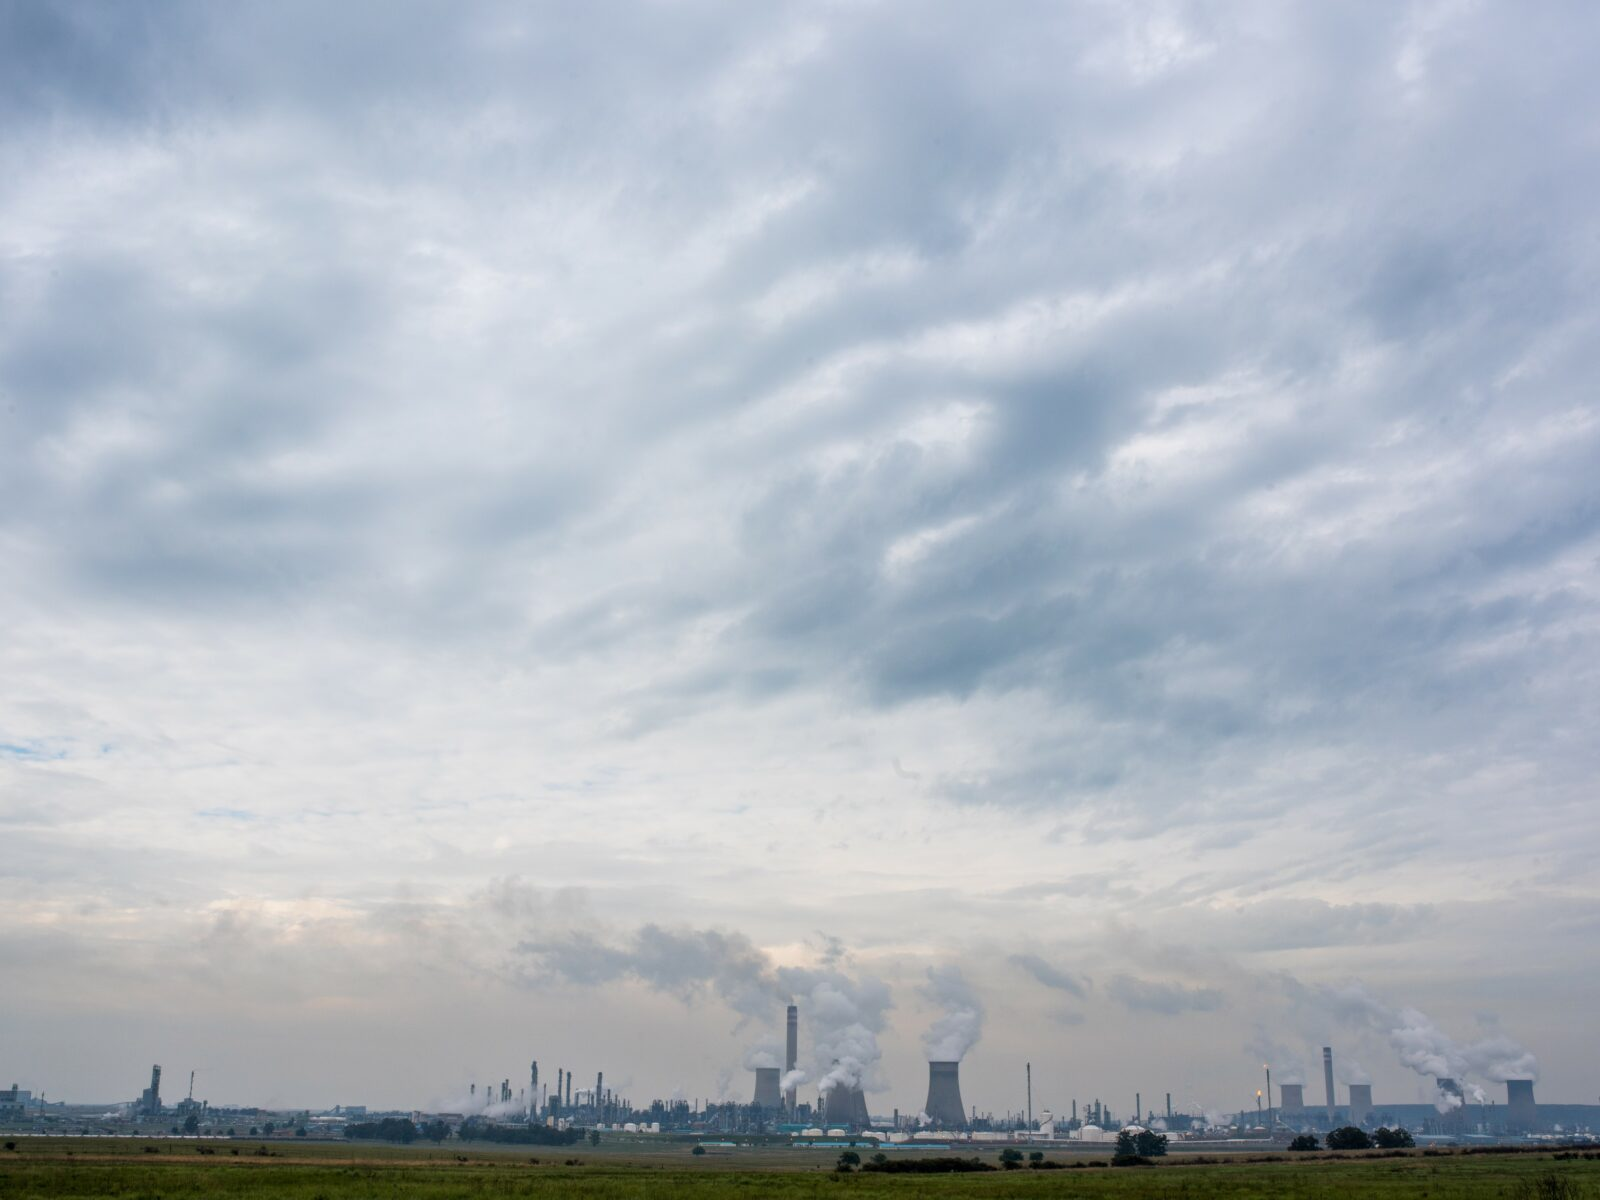 Sydafrika, Afrika, CER, miljögifter, hälsa, silhuett, himmel, rök